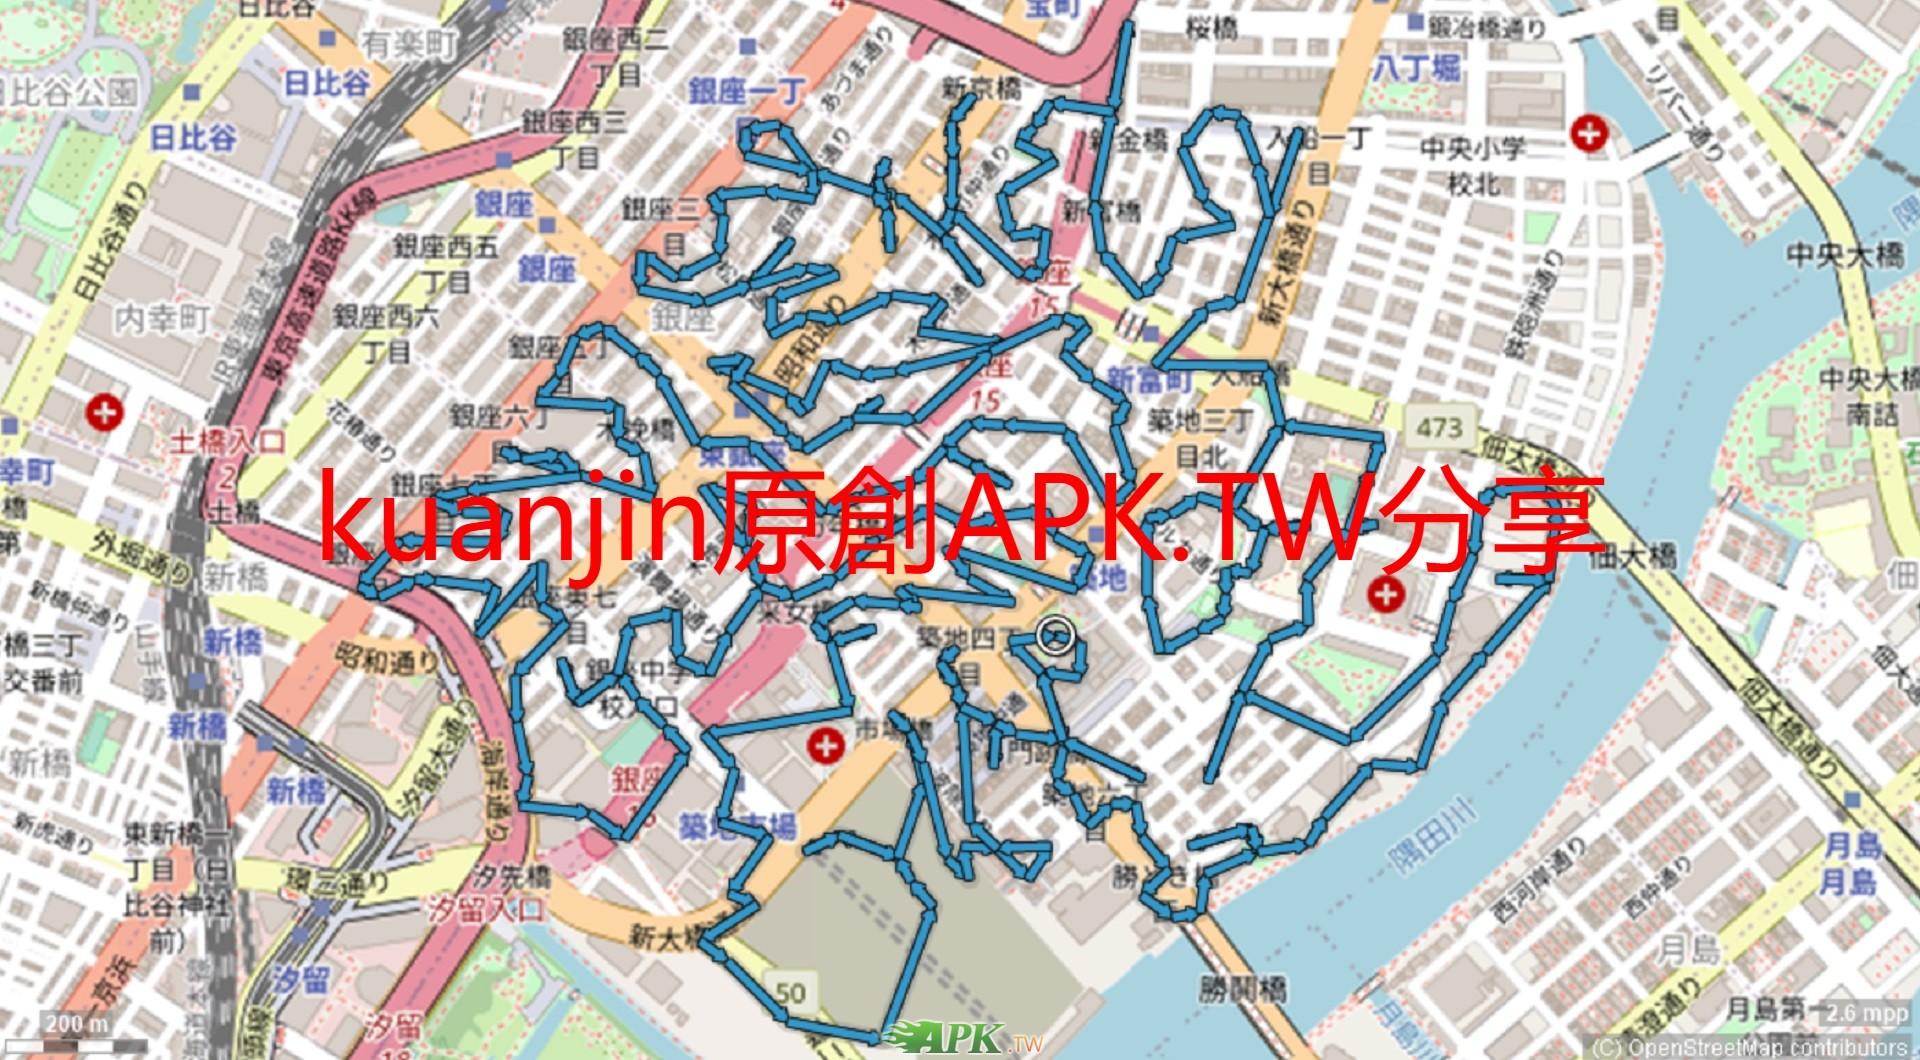 日本-築地本願寺20210114.jpg